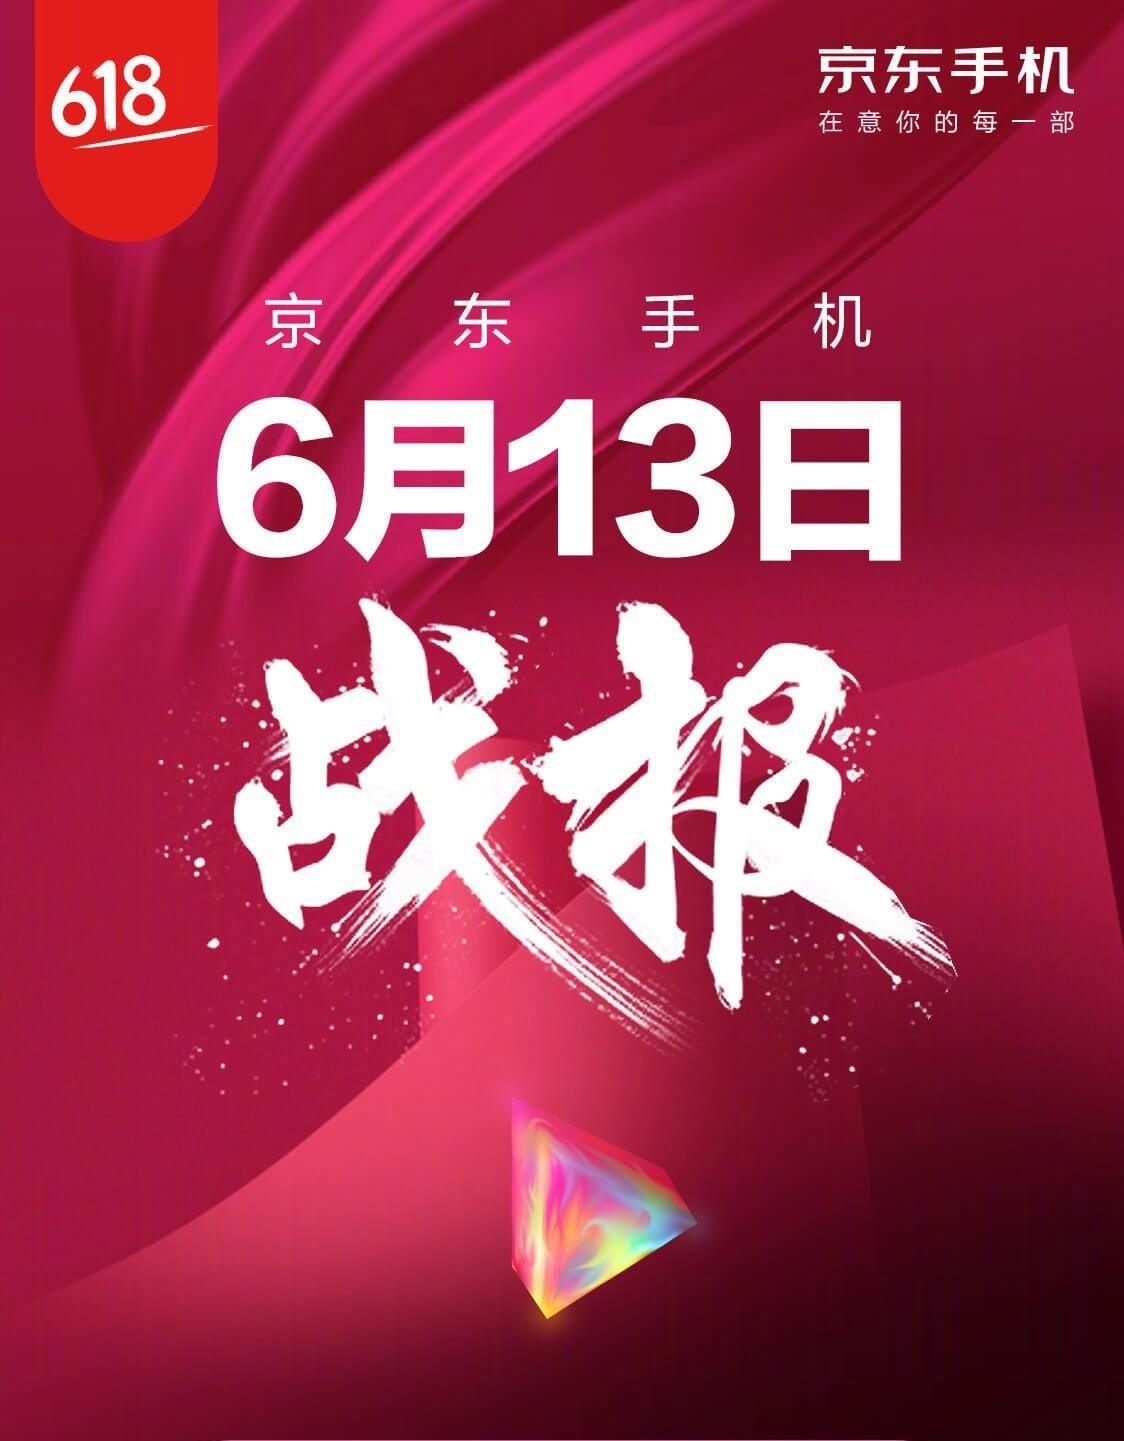 京東の「京東618(創業記念)セール」の13日目のランキングが公開。販売台数TOPはhonor